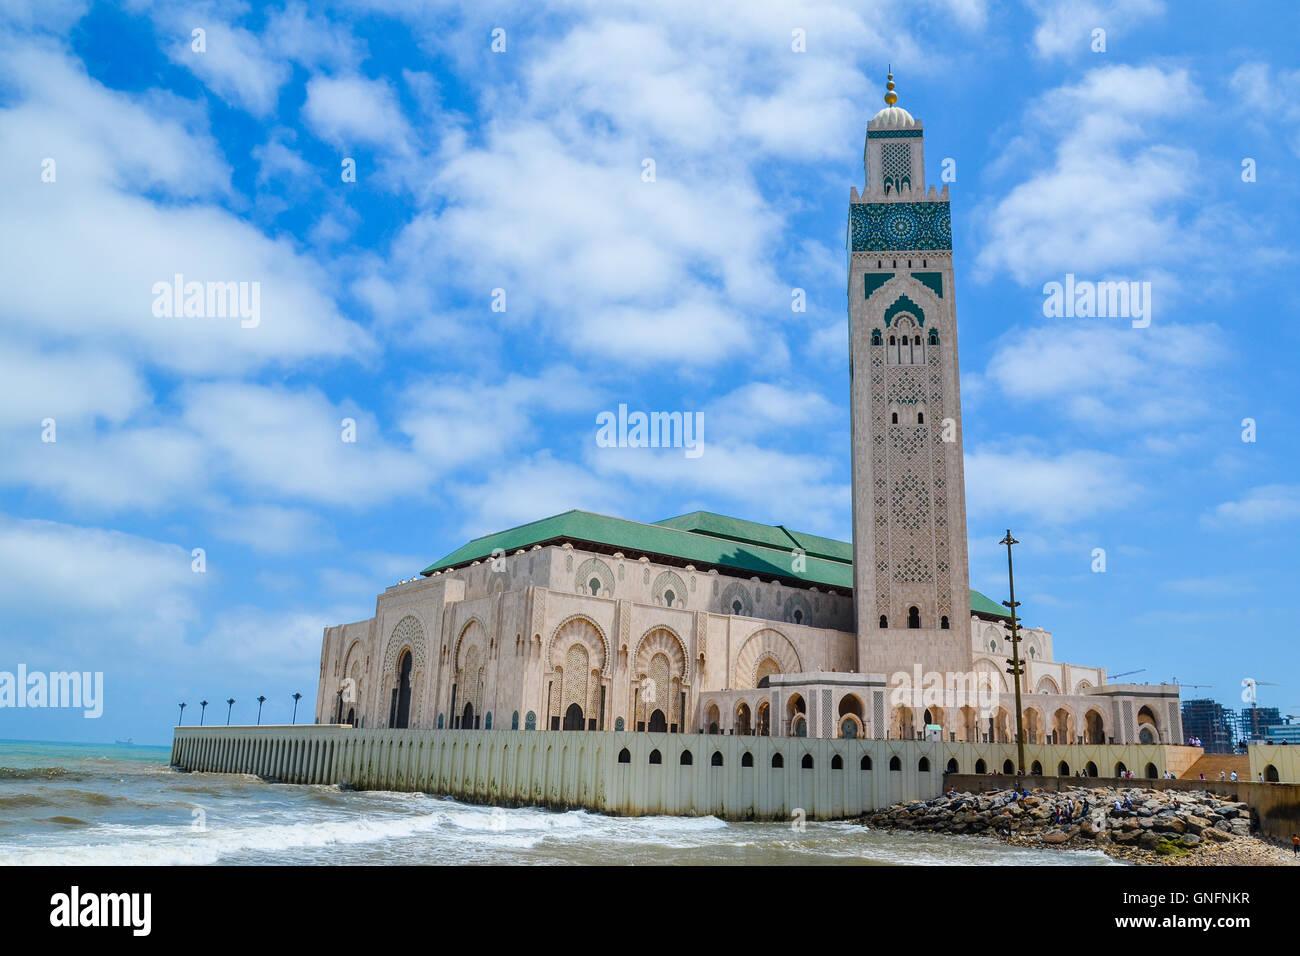 La Moschea di Hassan II a Casablanca, Marocco Immagini Stock